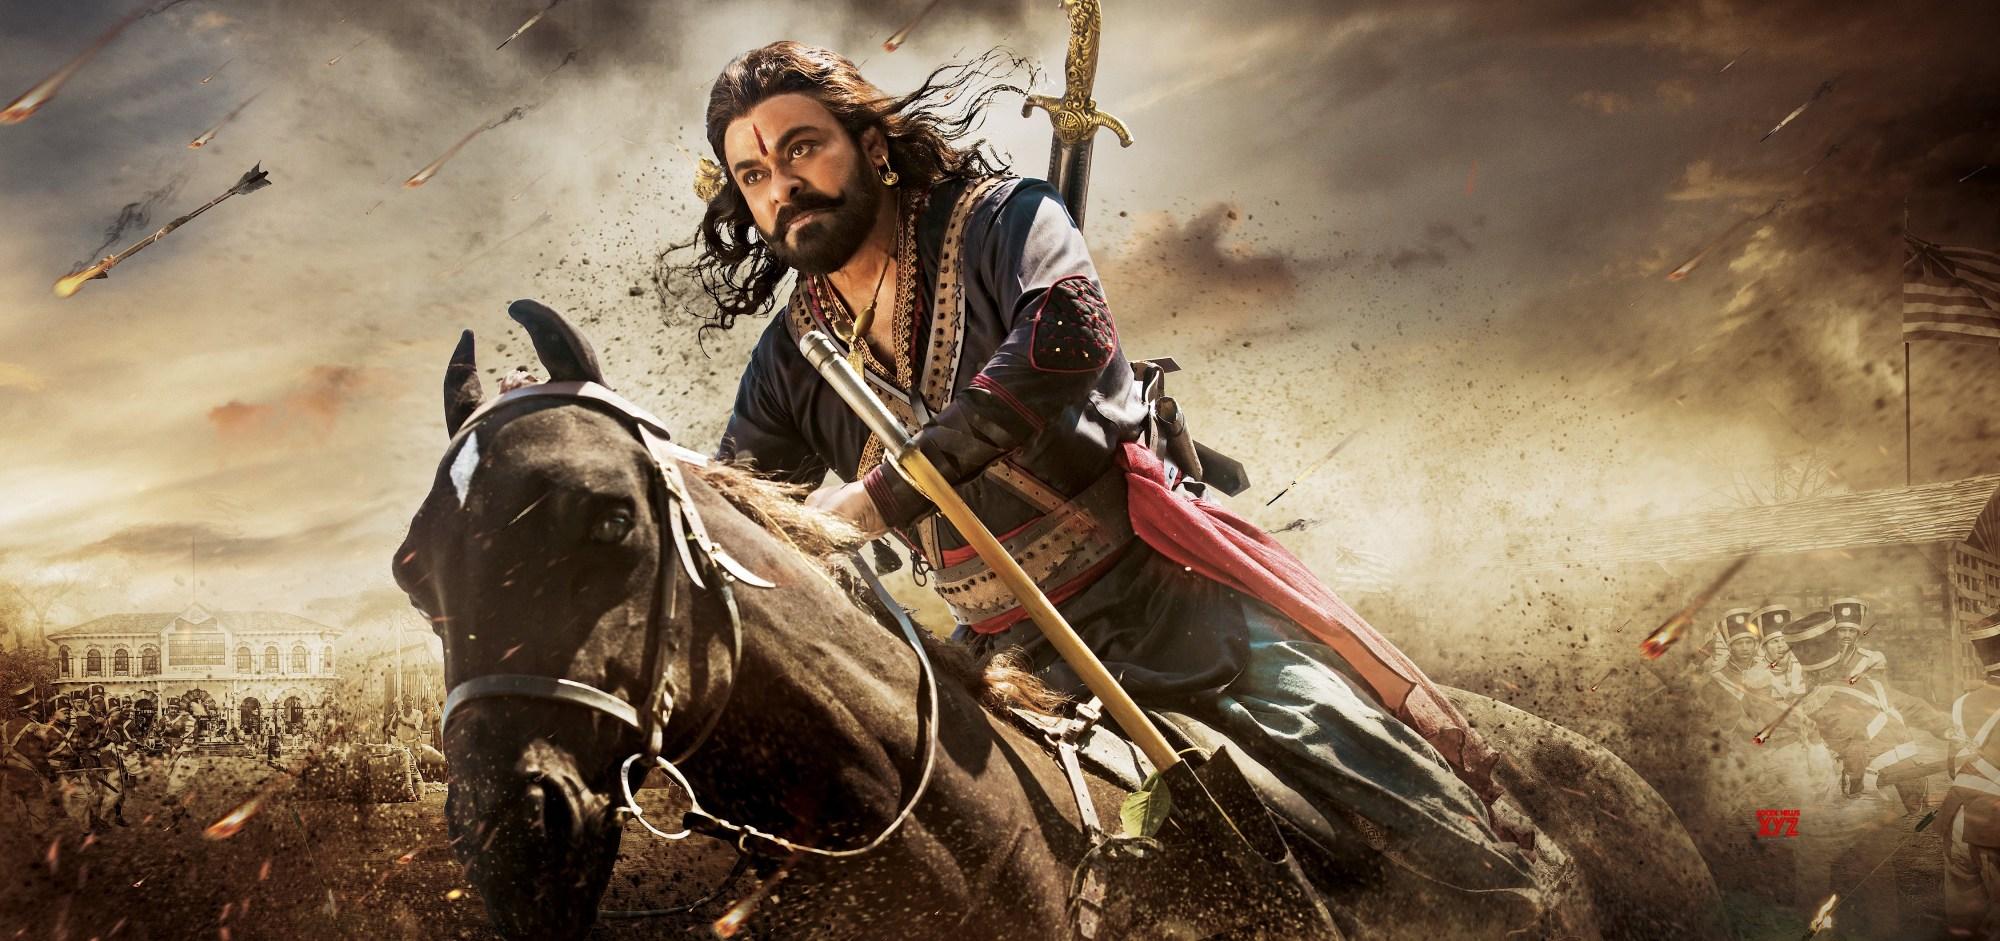 Megastar-Chiranjeevi-Ultra-HD-Stills-from-Sye-Raa-Narasimha-Reddy-Movie-